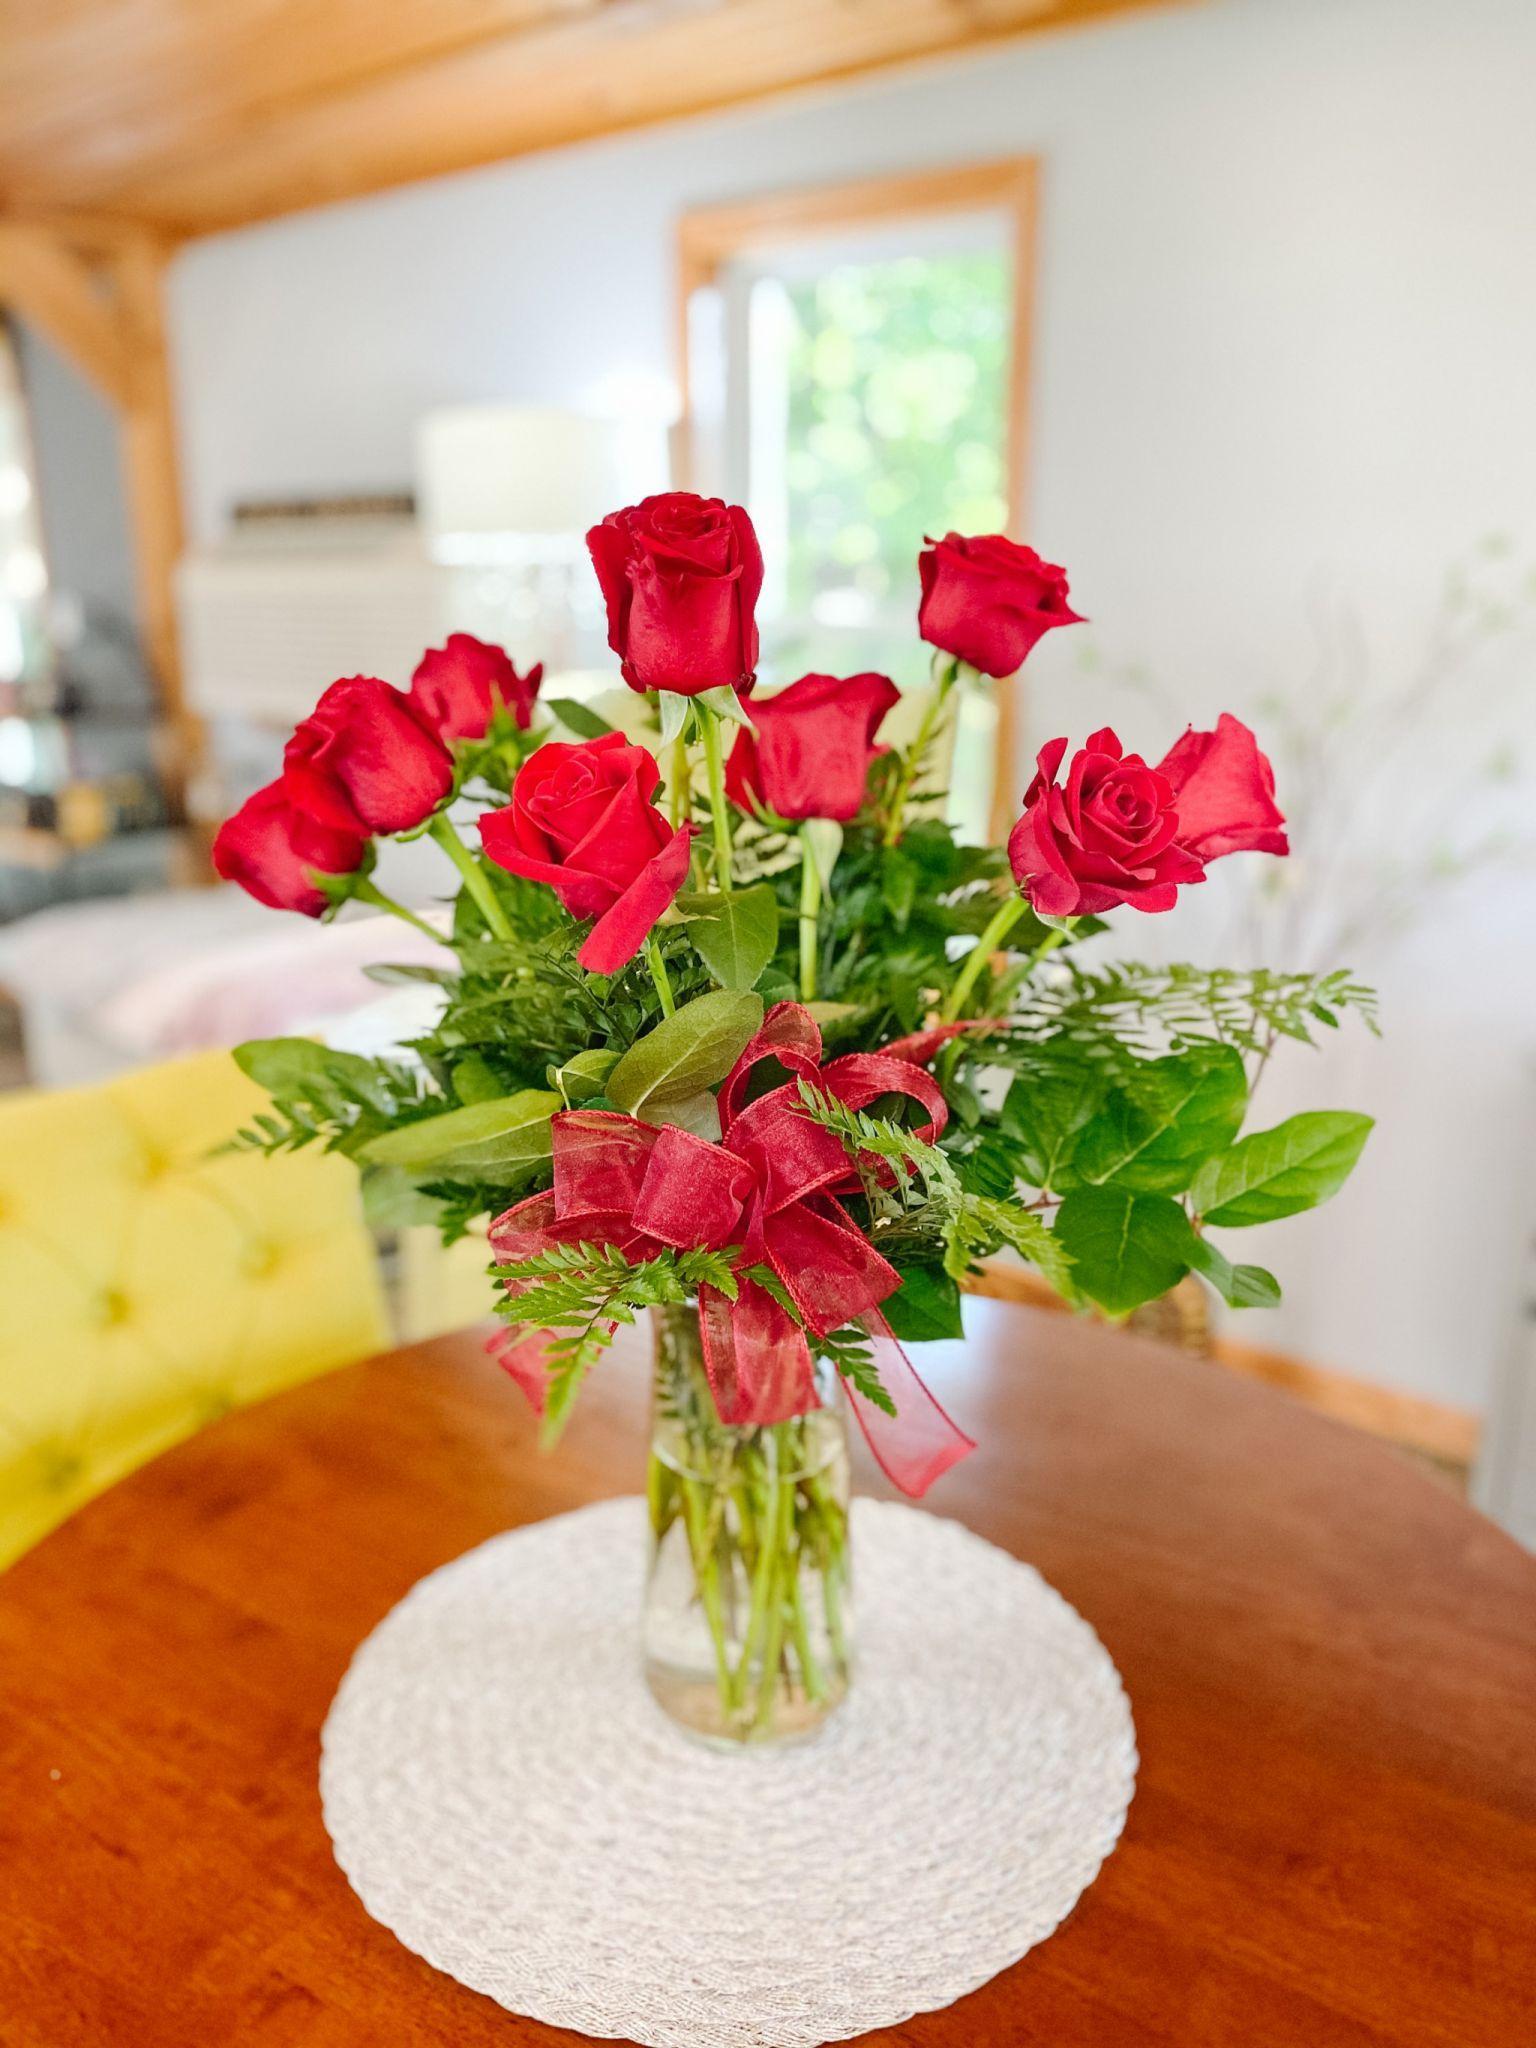 Roses-3.jpg?mtime=20210804163737#asset:1984